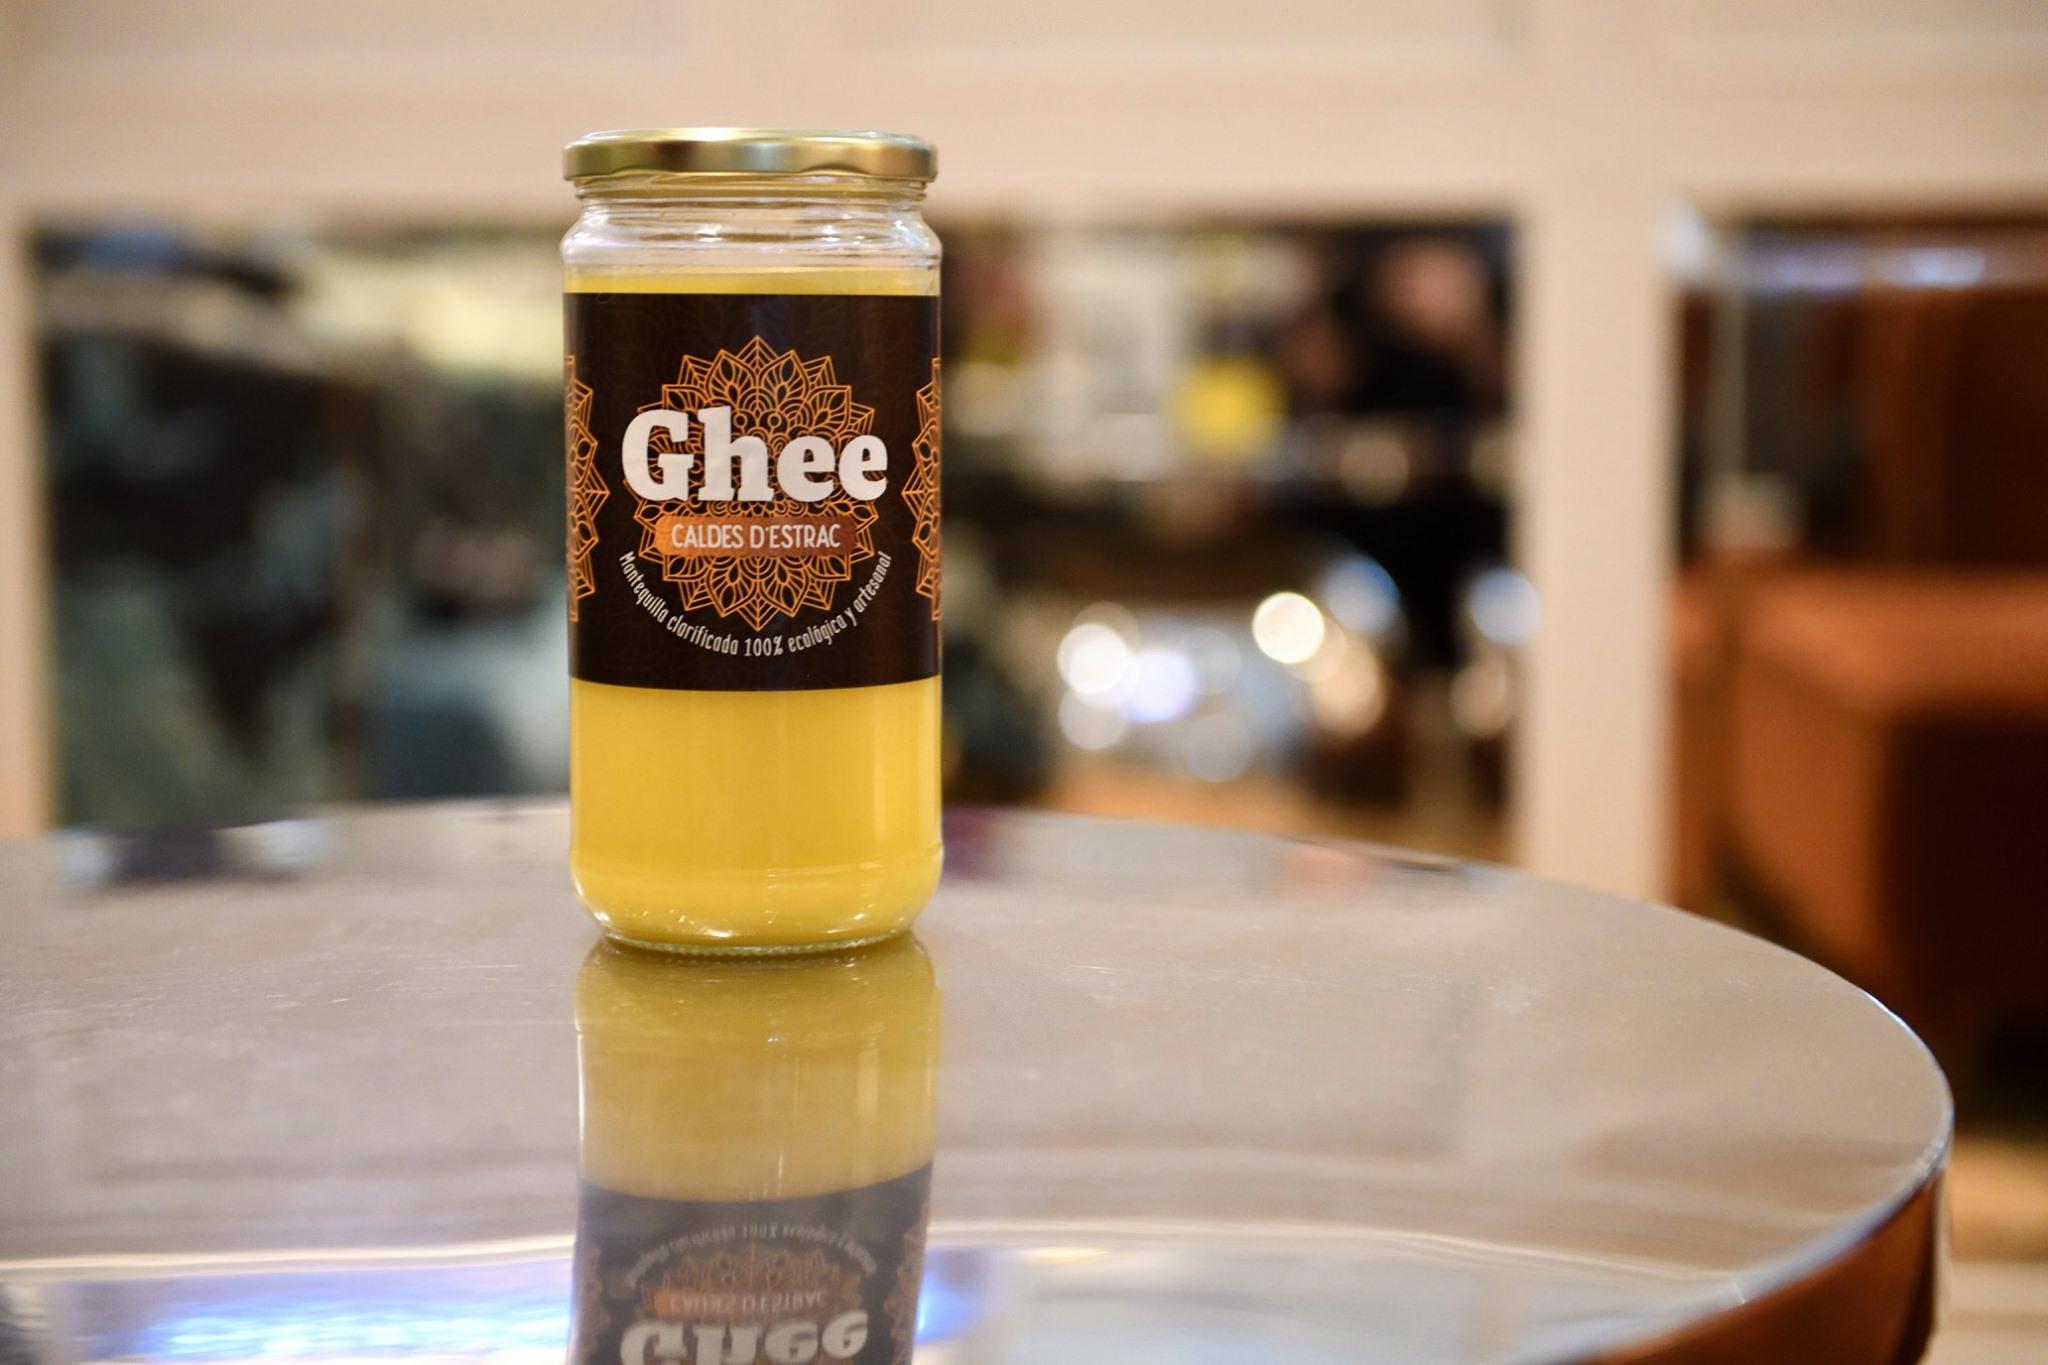 Ghee Caldes d'Estrac 720 ml Mantequilla Clarificada Ayurveda 100 % Artesanal y Ecológica Certificada – Especialmente para ti!